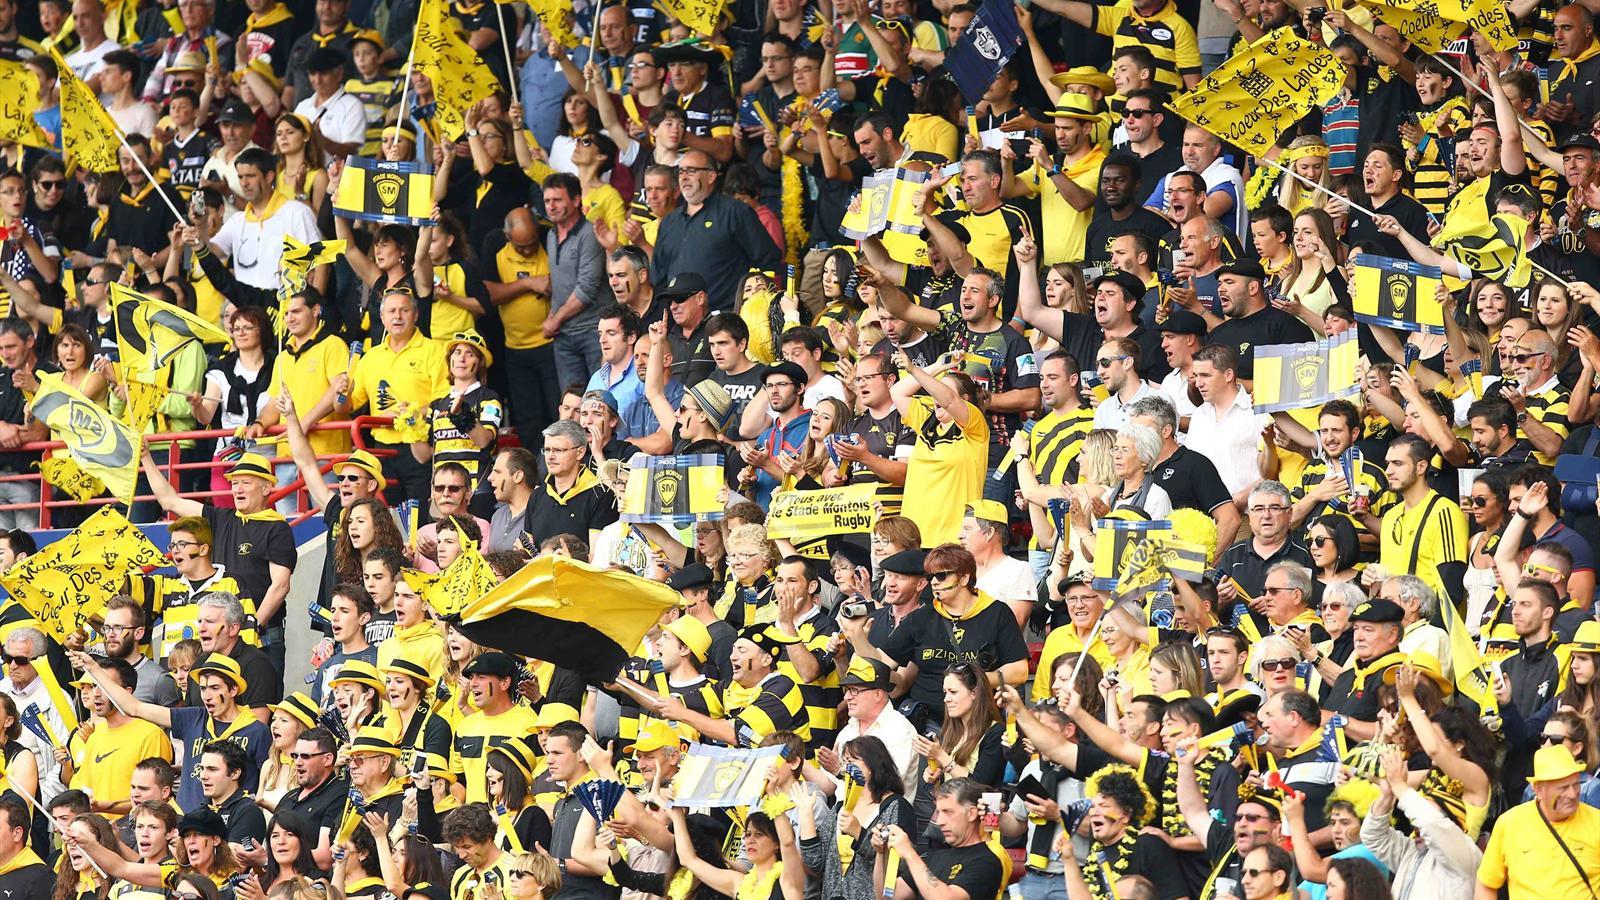 Le public de Mont-de-Marsan a fait beaucoup de bruit durant cette finale - 24 mai 2015